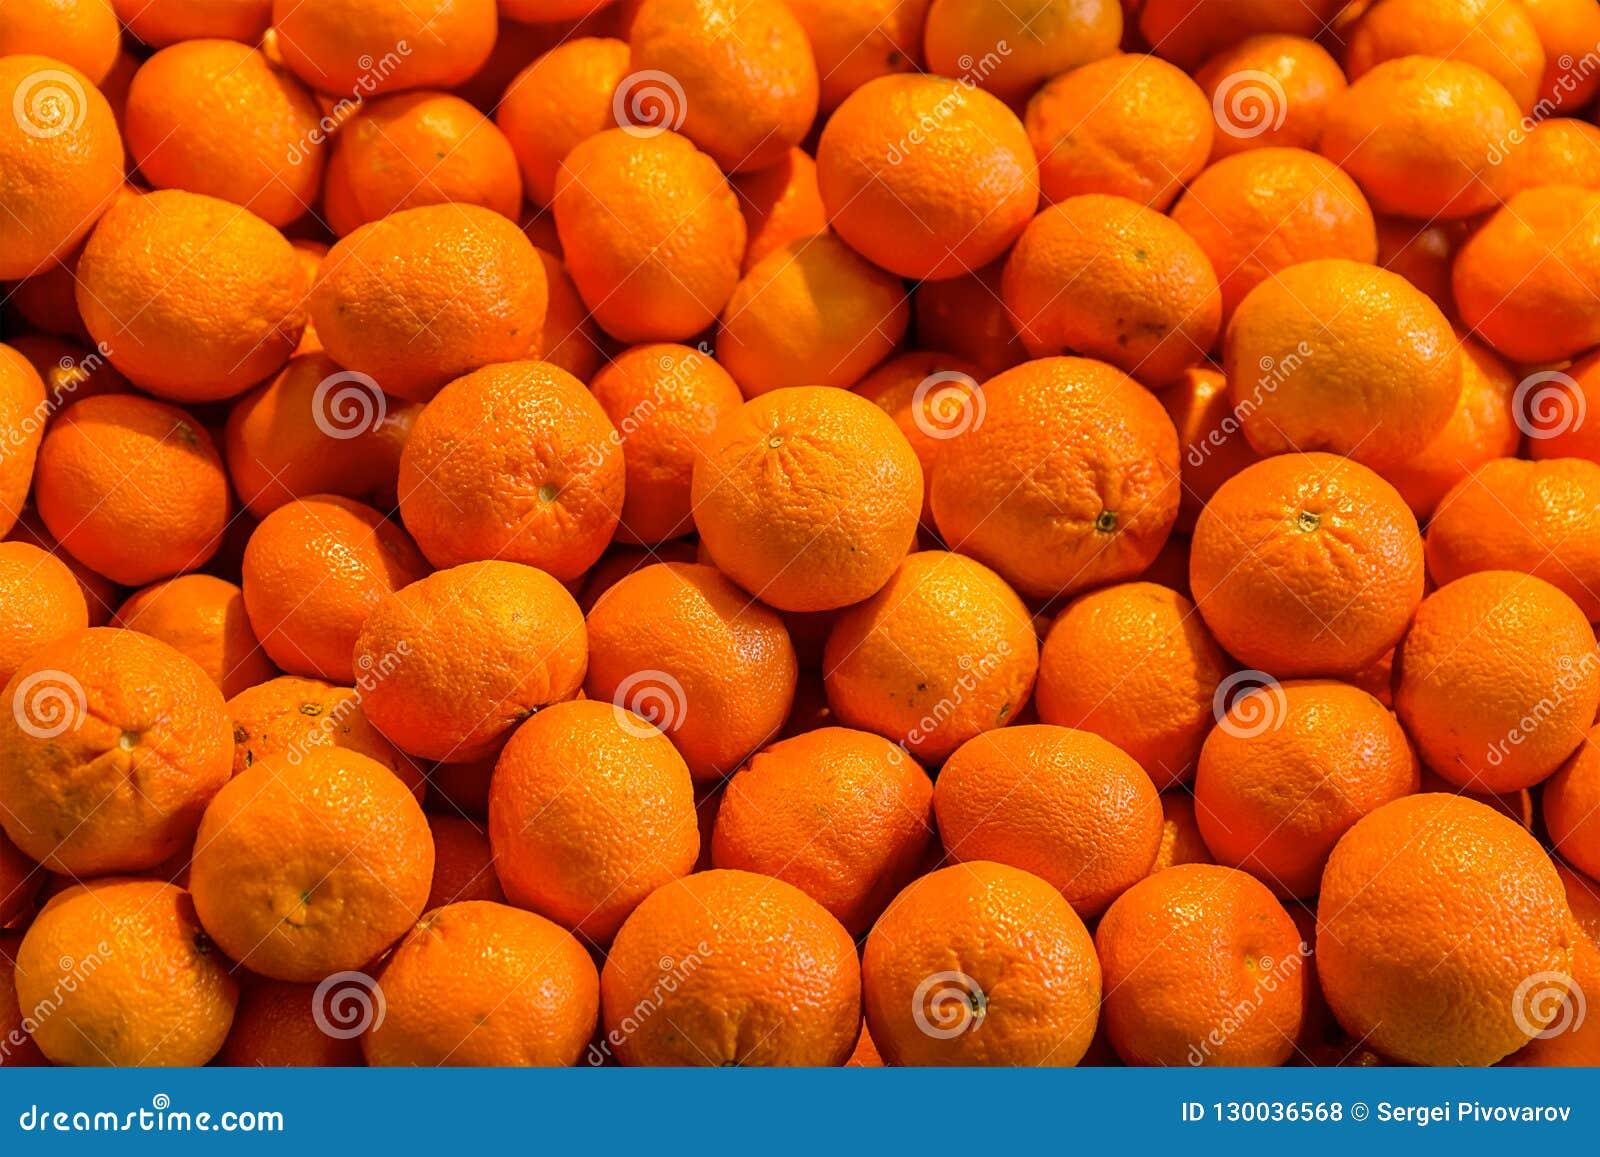 Mandaryn pomarańcze soczysty jaskrawy deseniowy źródło witaminy opiera się świeżego cięć i deserów owocowej sałatki tła trzon